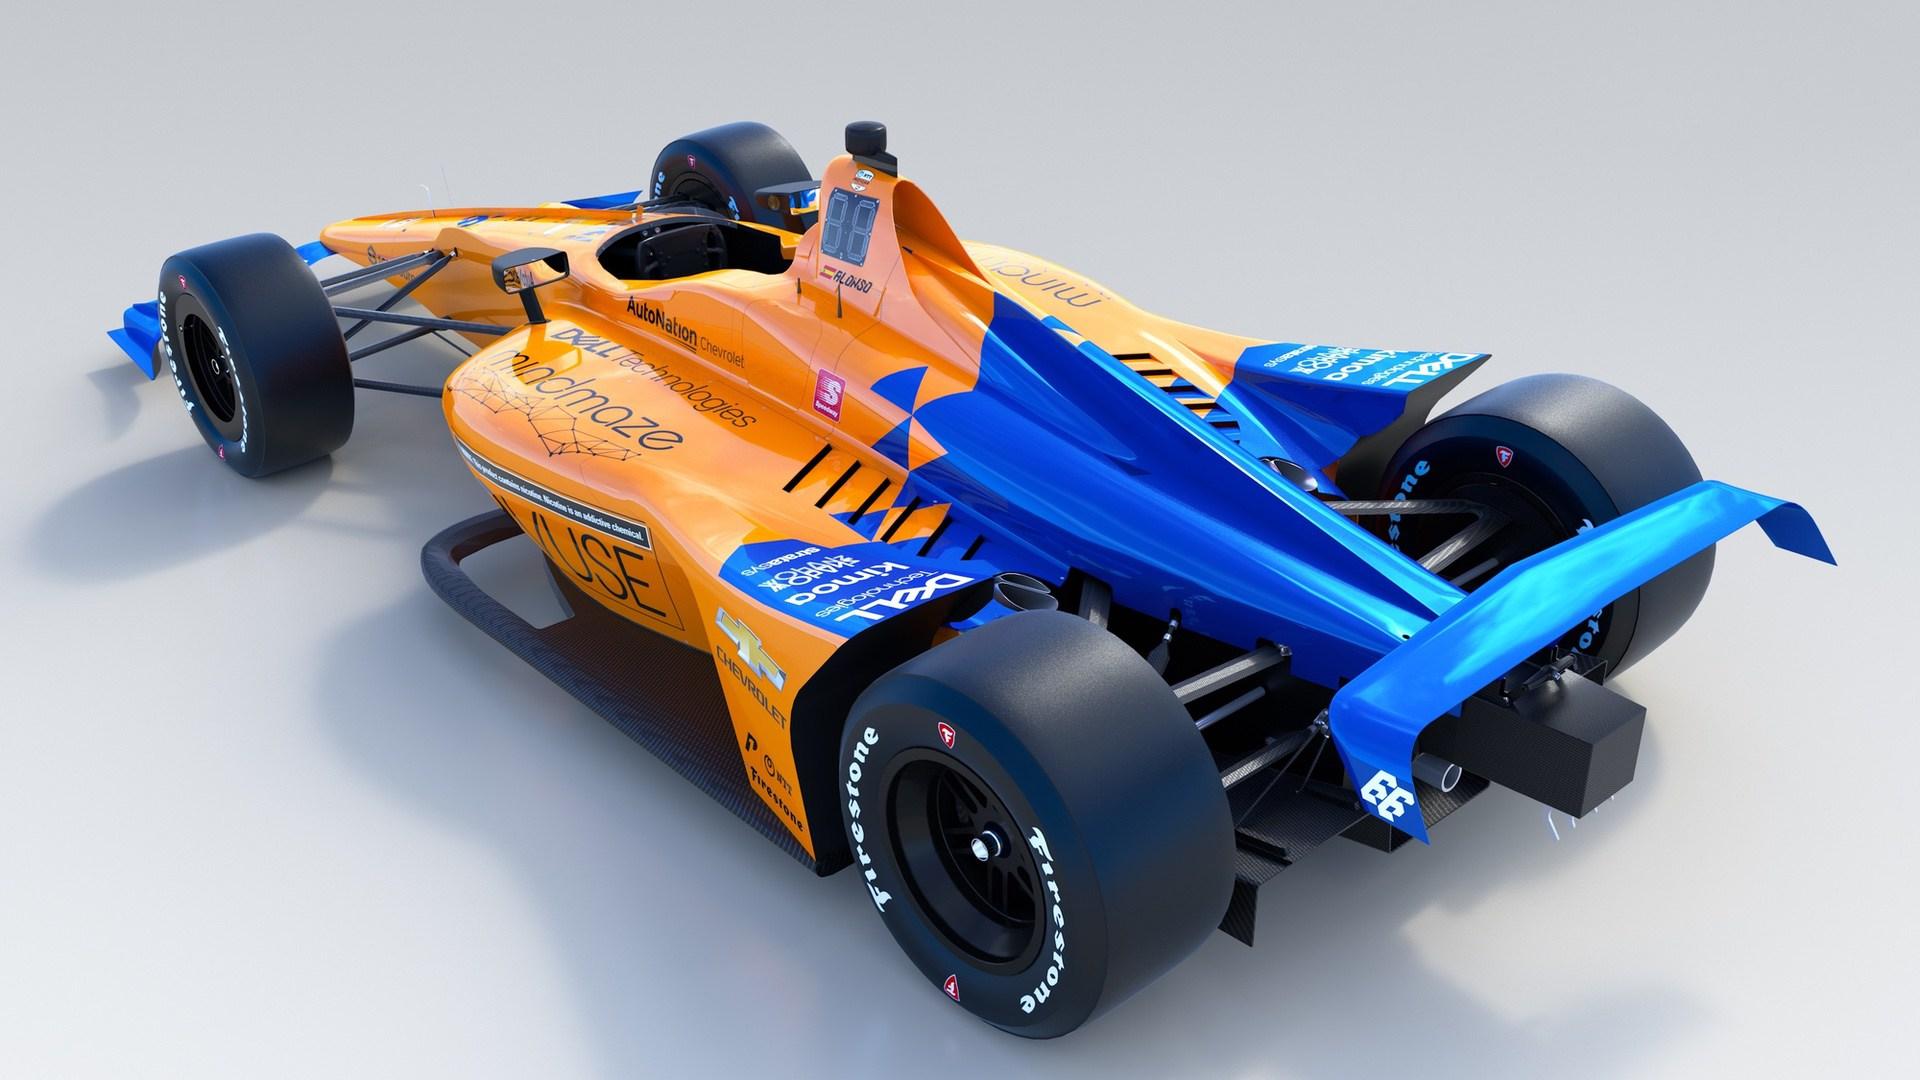 2019 McLaren Indy500 car